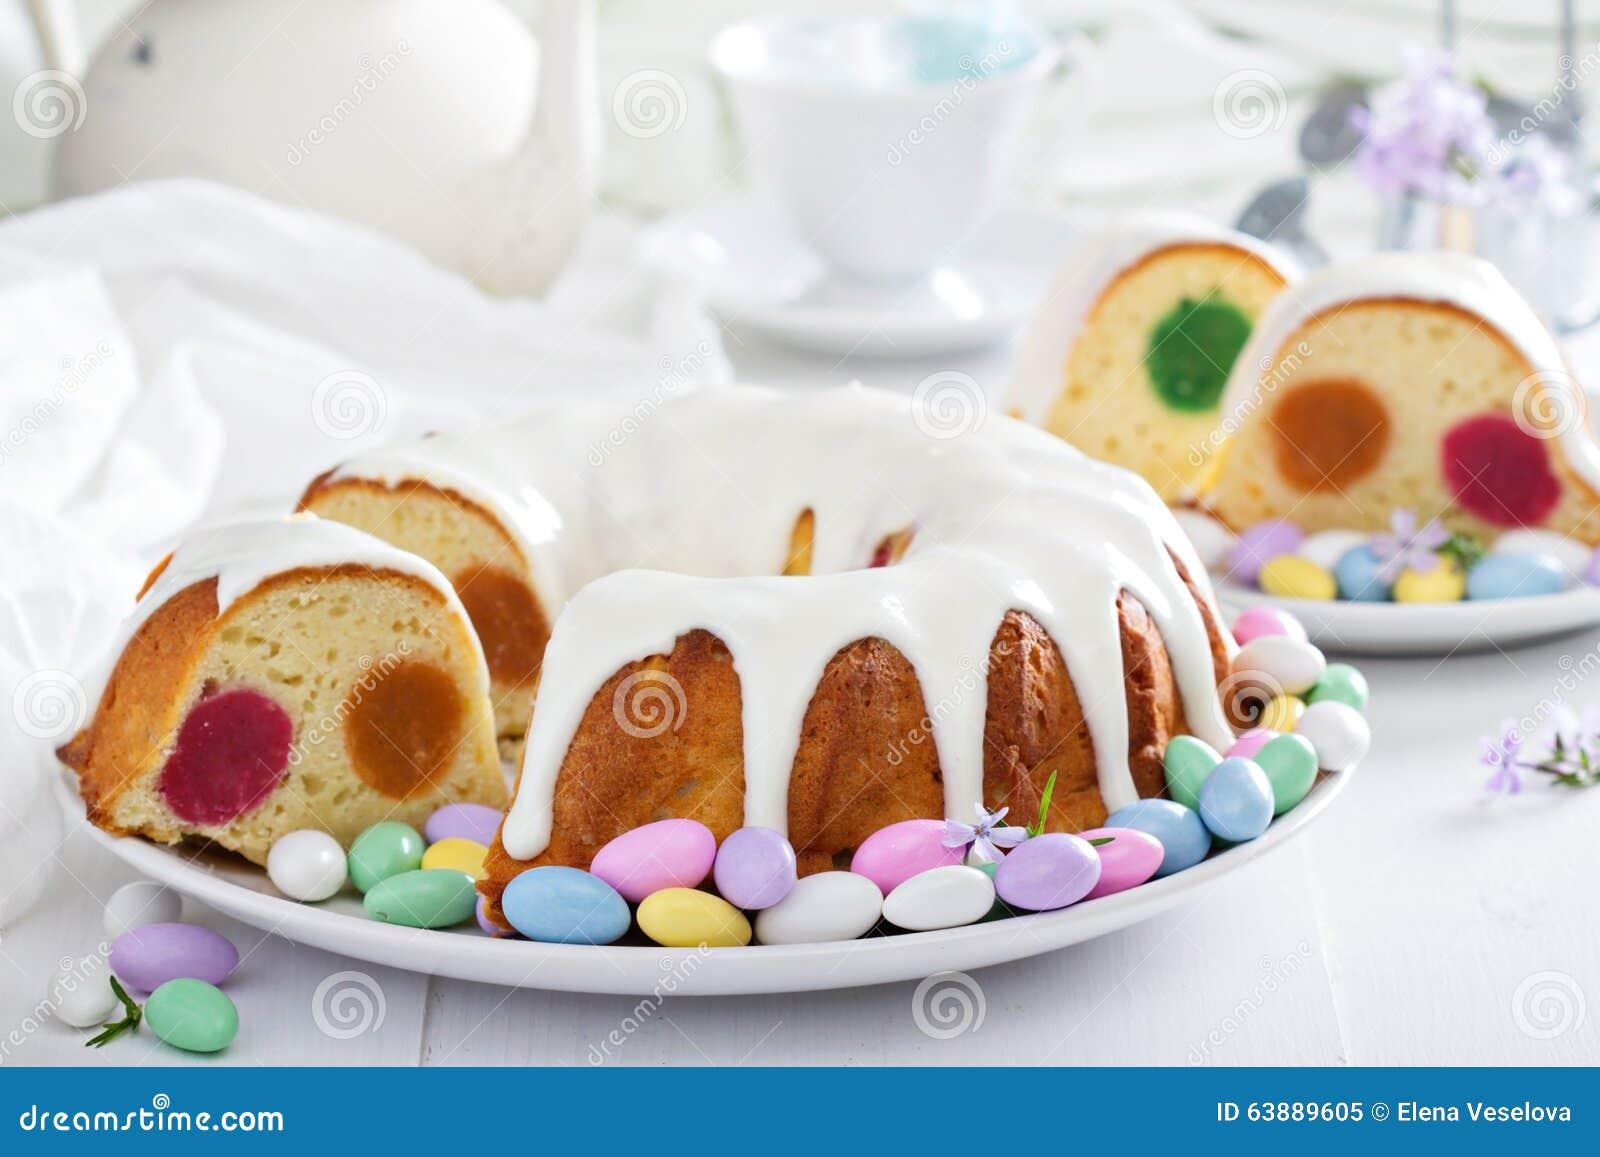 Ostern Kuchen Mit Bunter Fullung Und Glasur Stockbild Bild Von